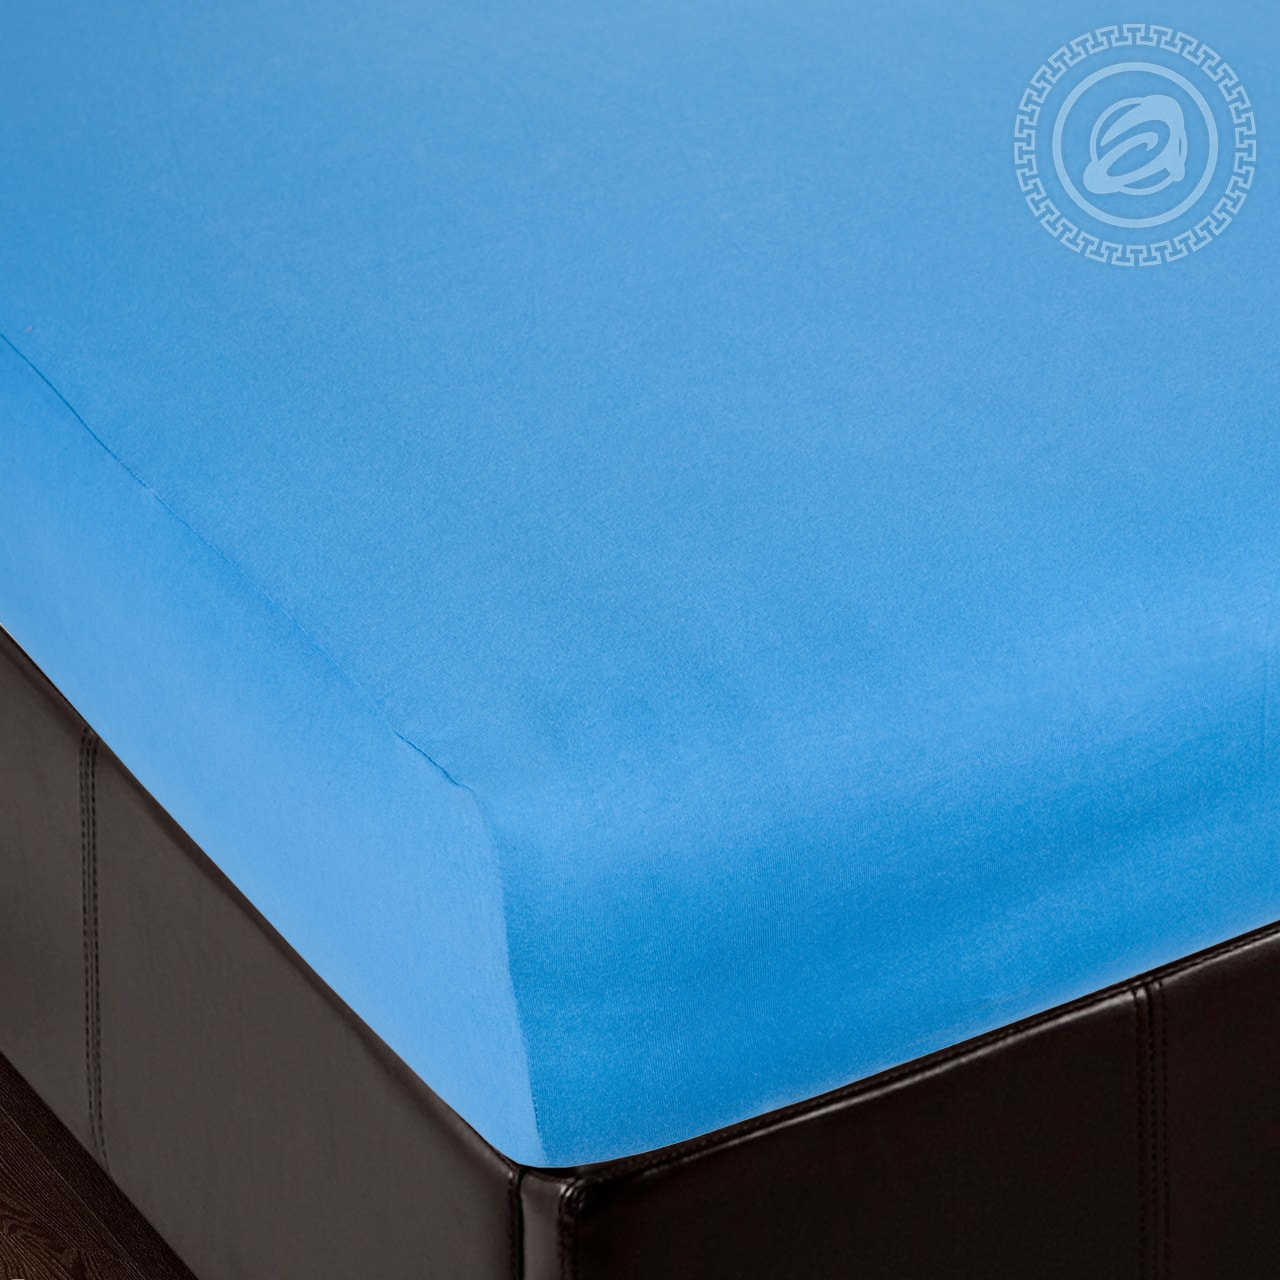 Простыня на резинке Ирис (трикотаж) (60х120) простыня на резинке ирис размер 60х120 см